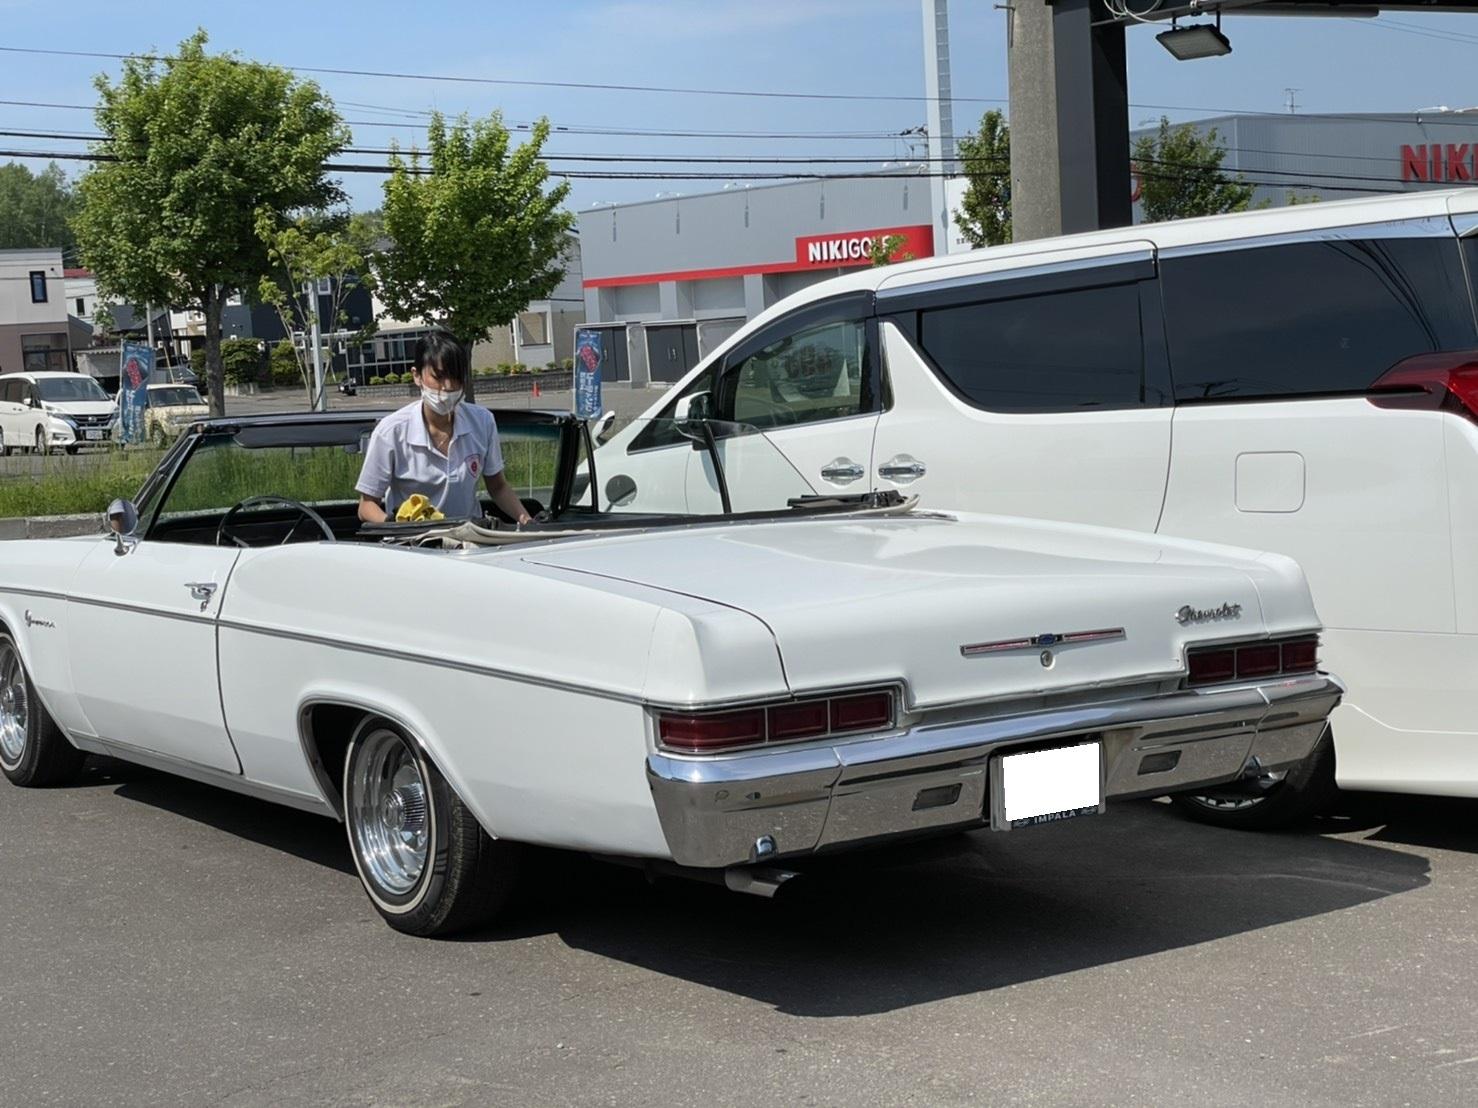 6月10日(木) 本店ブログ☆ メルセデス・ベンツ AMG C63あります‼ランクル ハマー エスカレード TOMMY☆_b0127002_16220565.jpg